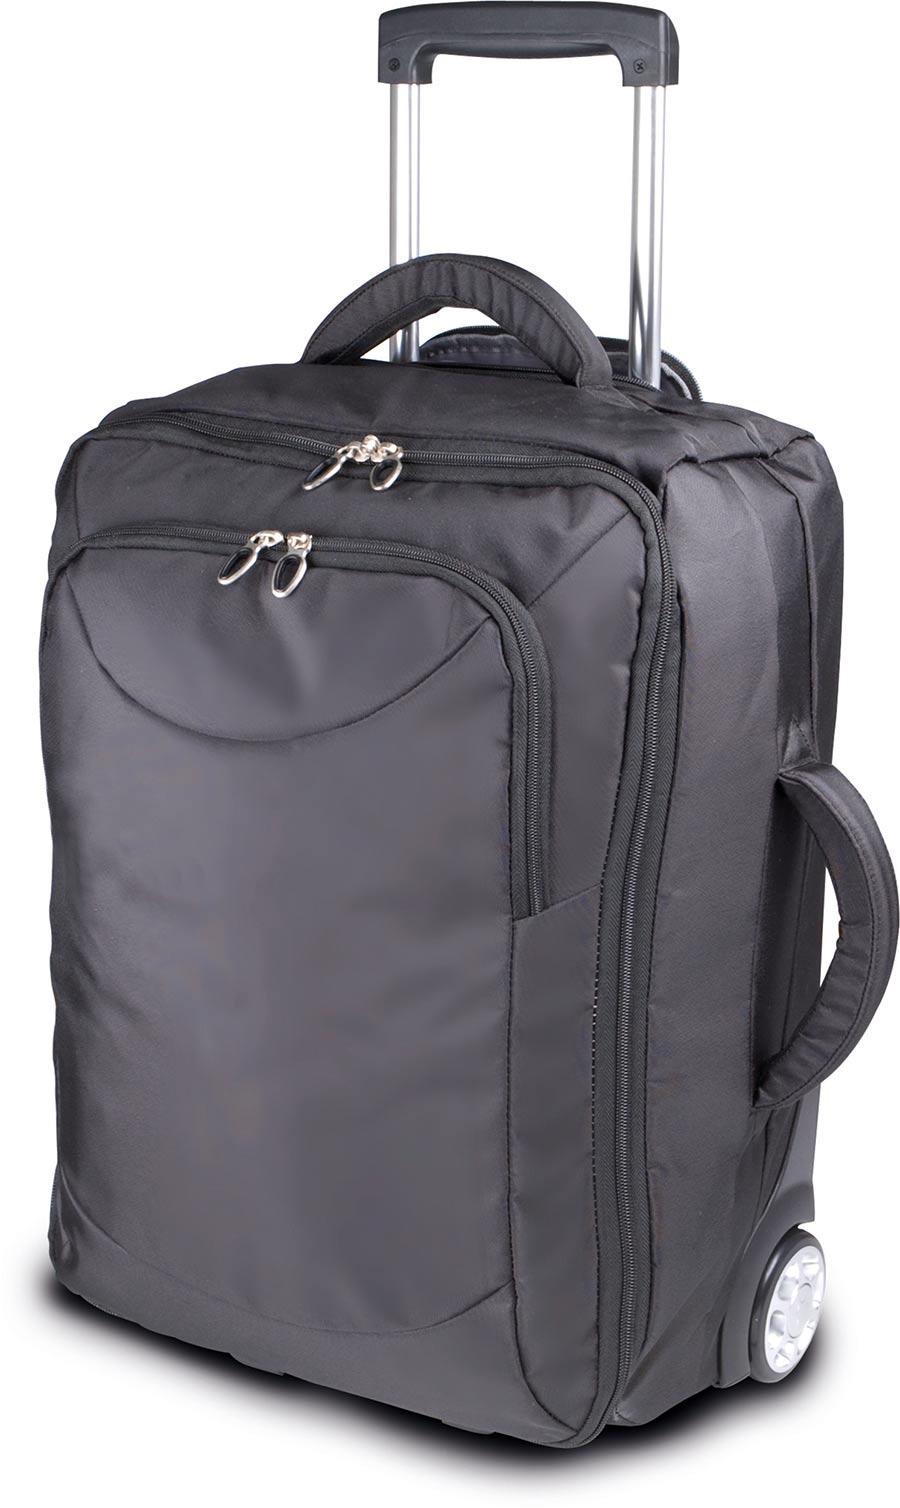 KI0801 Trolley Suitcase